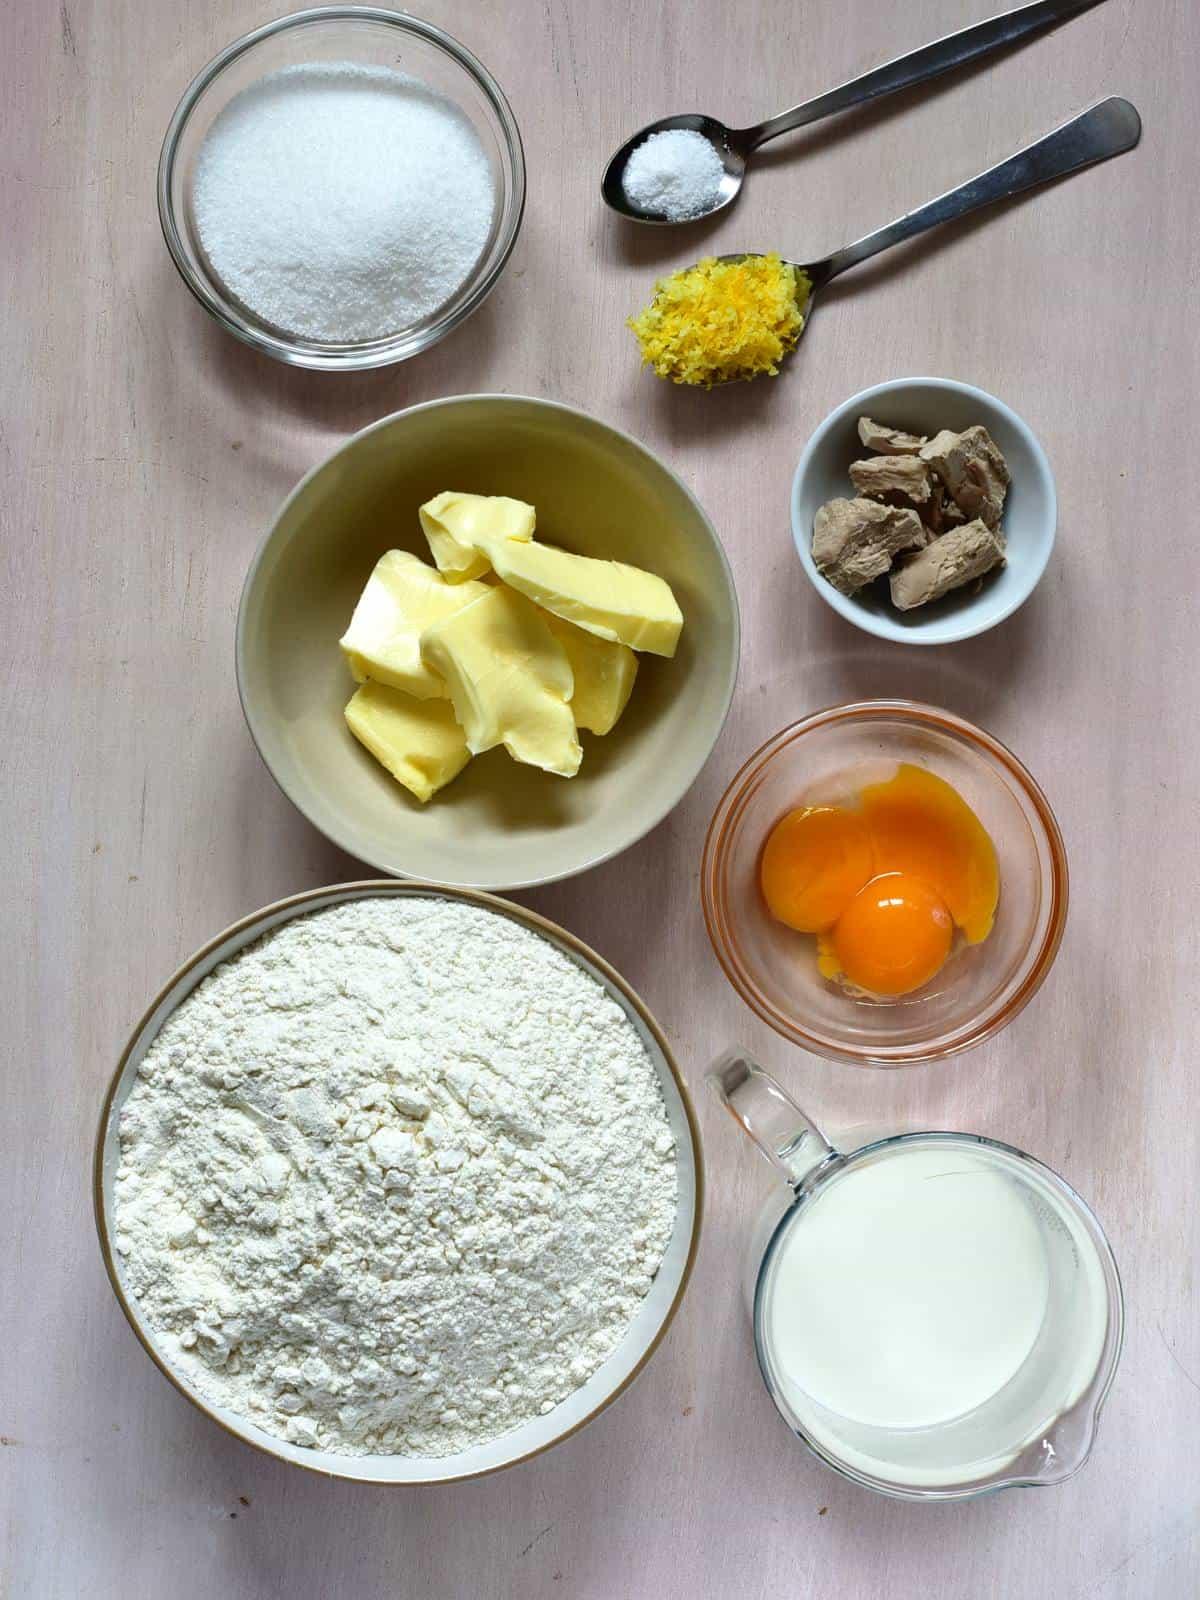 yeast doug ingredients